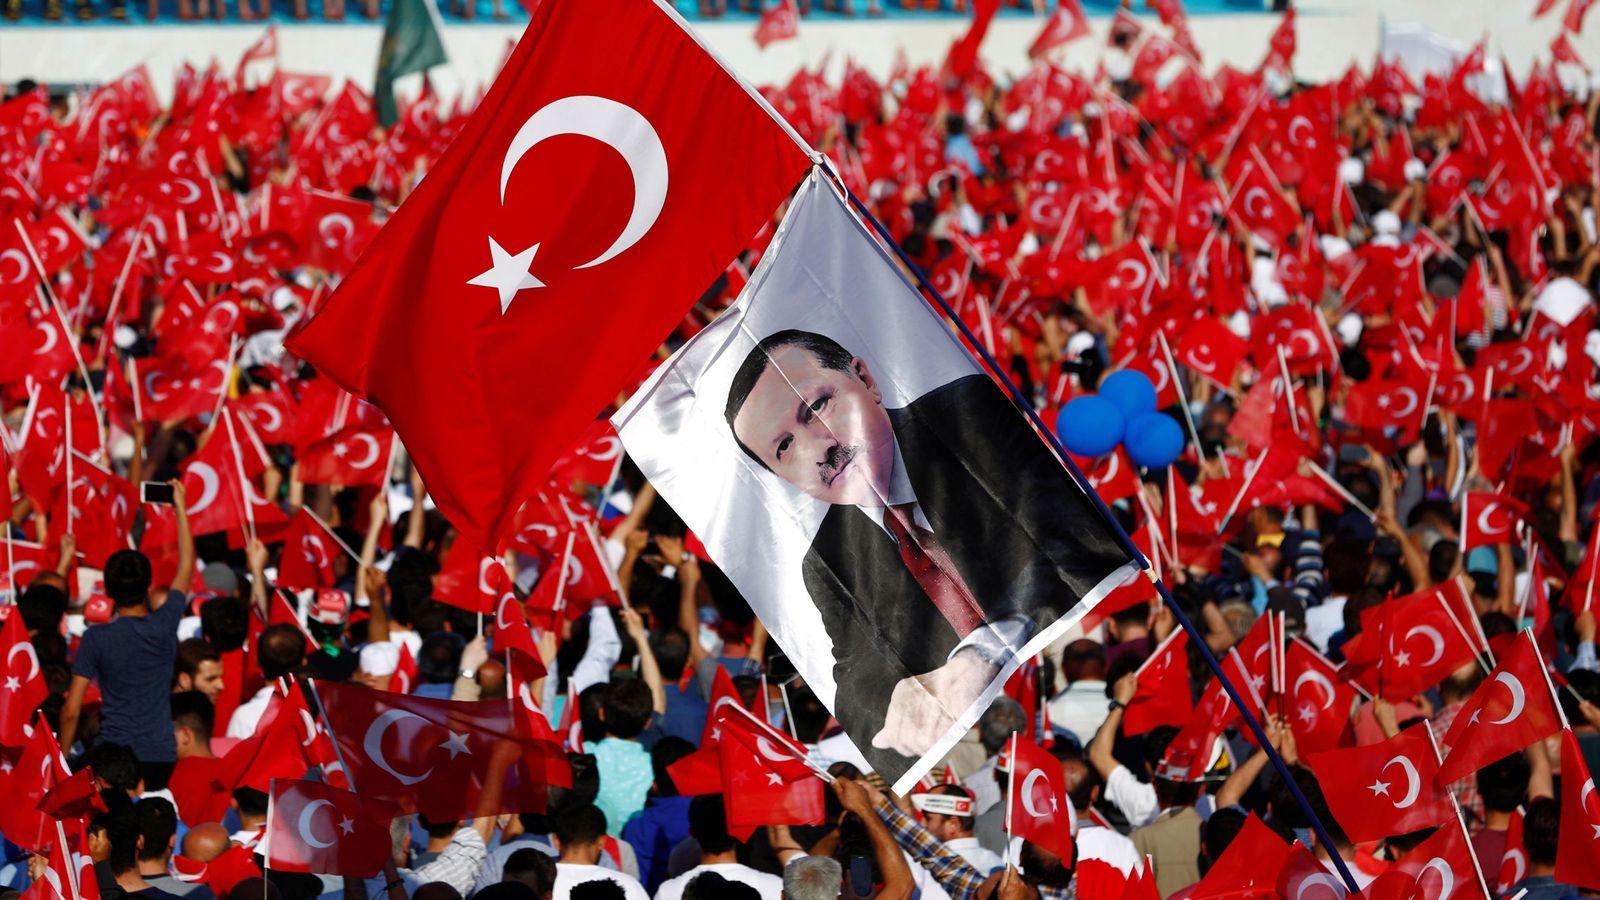 Foto: Partidarios de Erdogan enarbolan una foto del Presidente turco durante las celebraciones de la conquista de Estambul, el 29 de mayo de 2016 (Reuters)